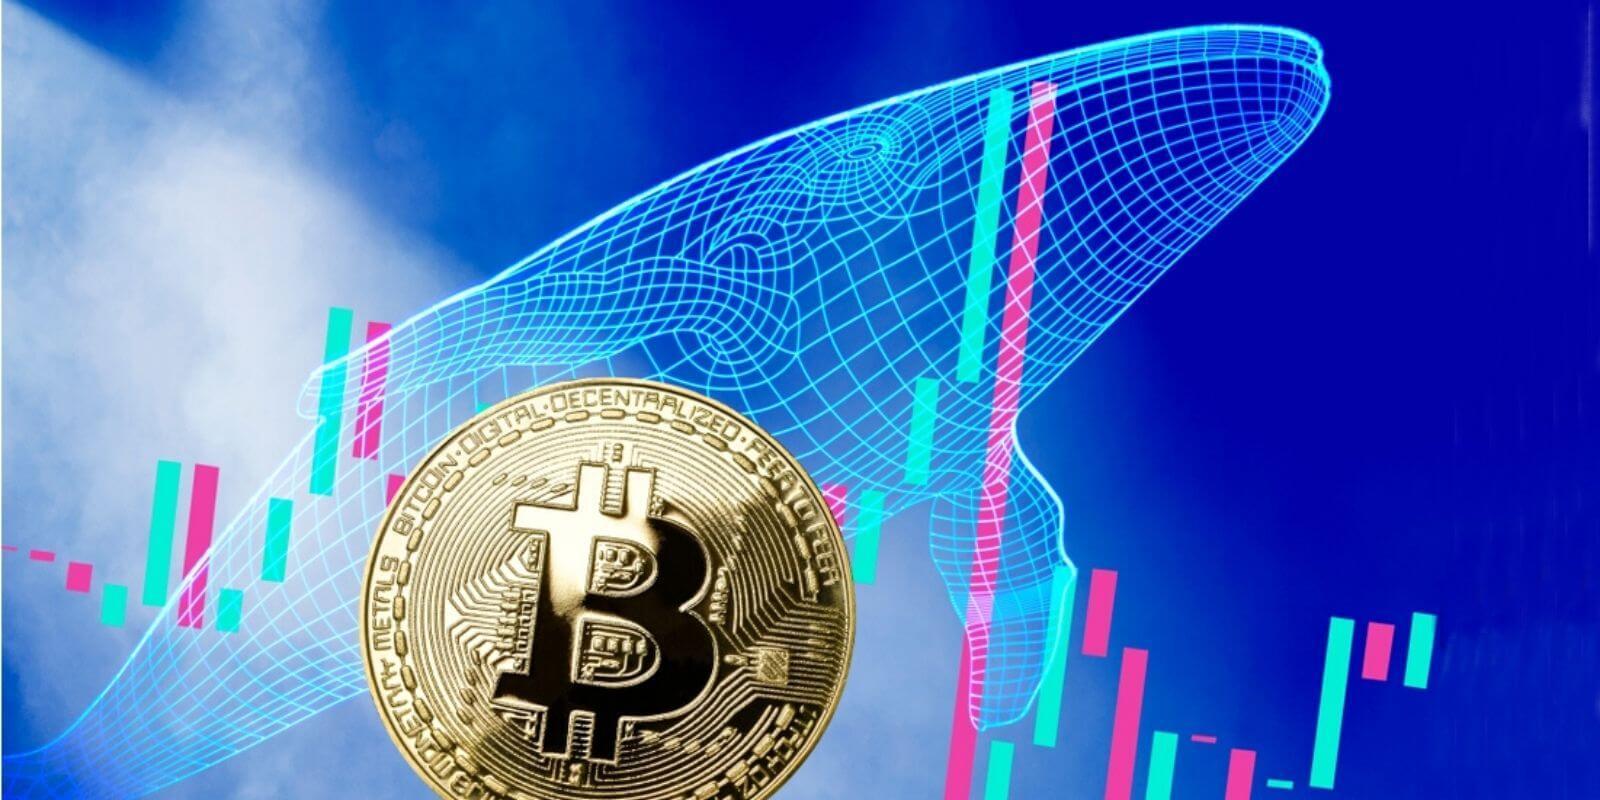 Bitcoin Balinaları Borsalardan Kaçıyor 288.000.000 Milyon Dolar Değerinde BTC Taşındı